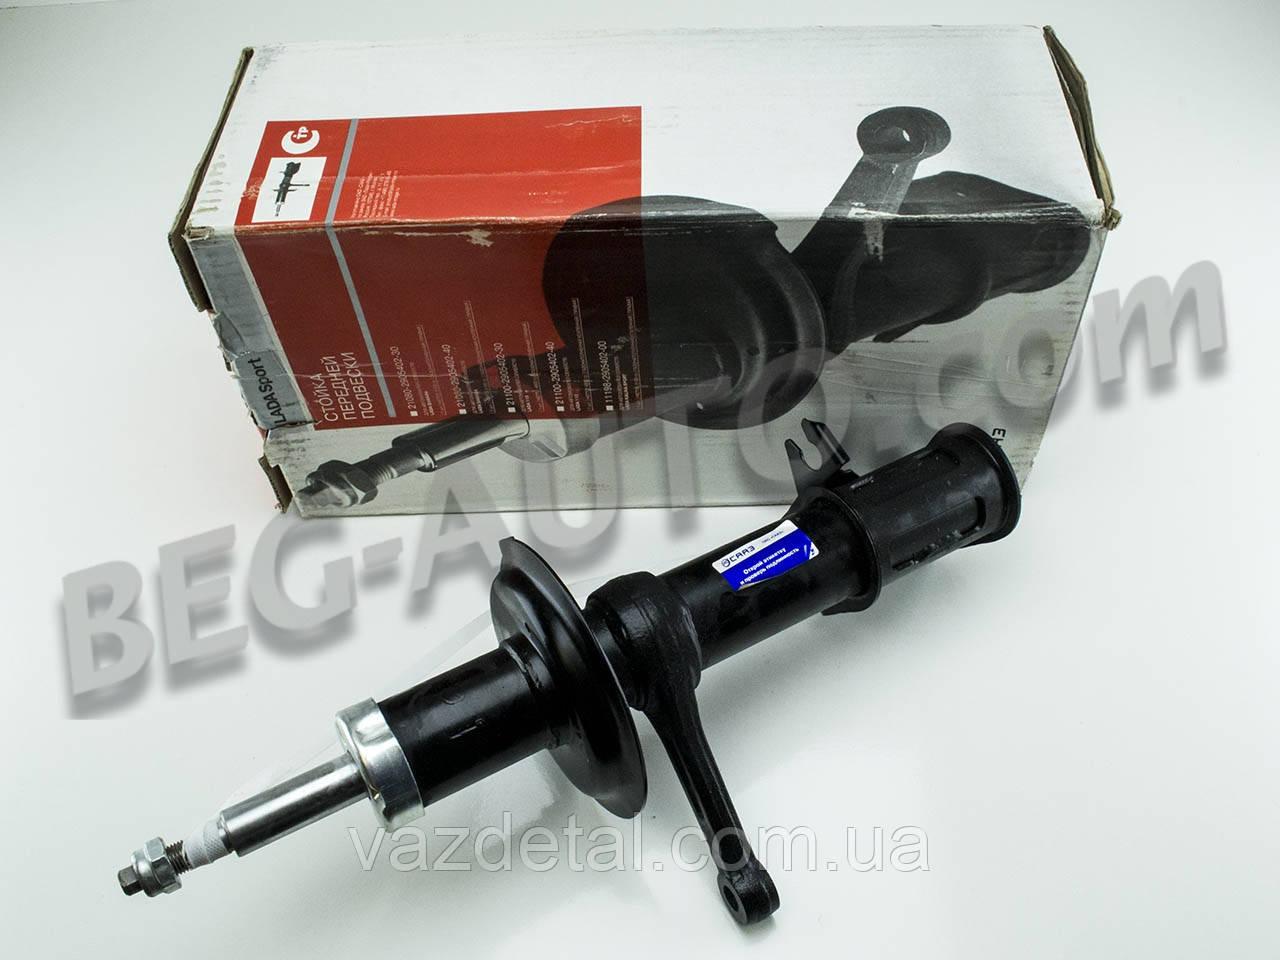 Амортизатор передний стойка ваз 2110 2111 2112 левый (СААЗ) газовый